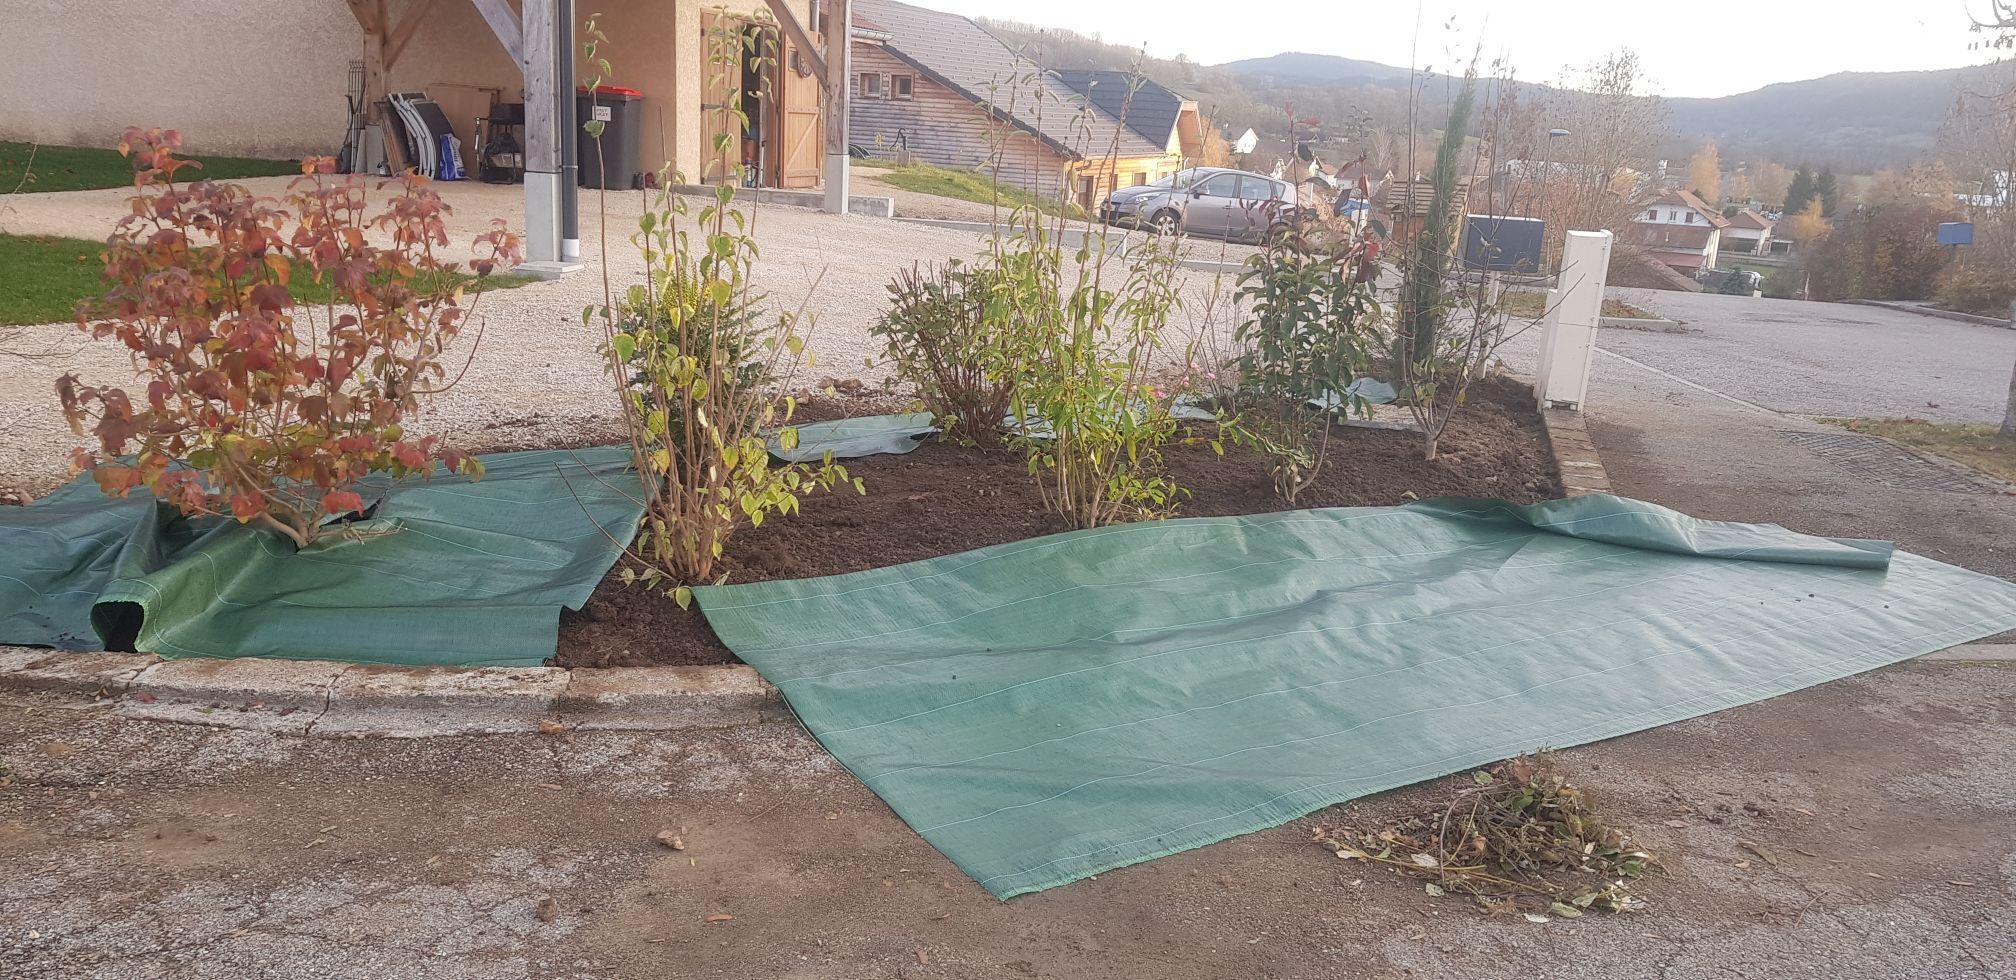 plantations_espace_vert_bernard